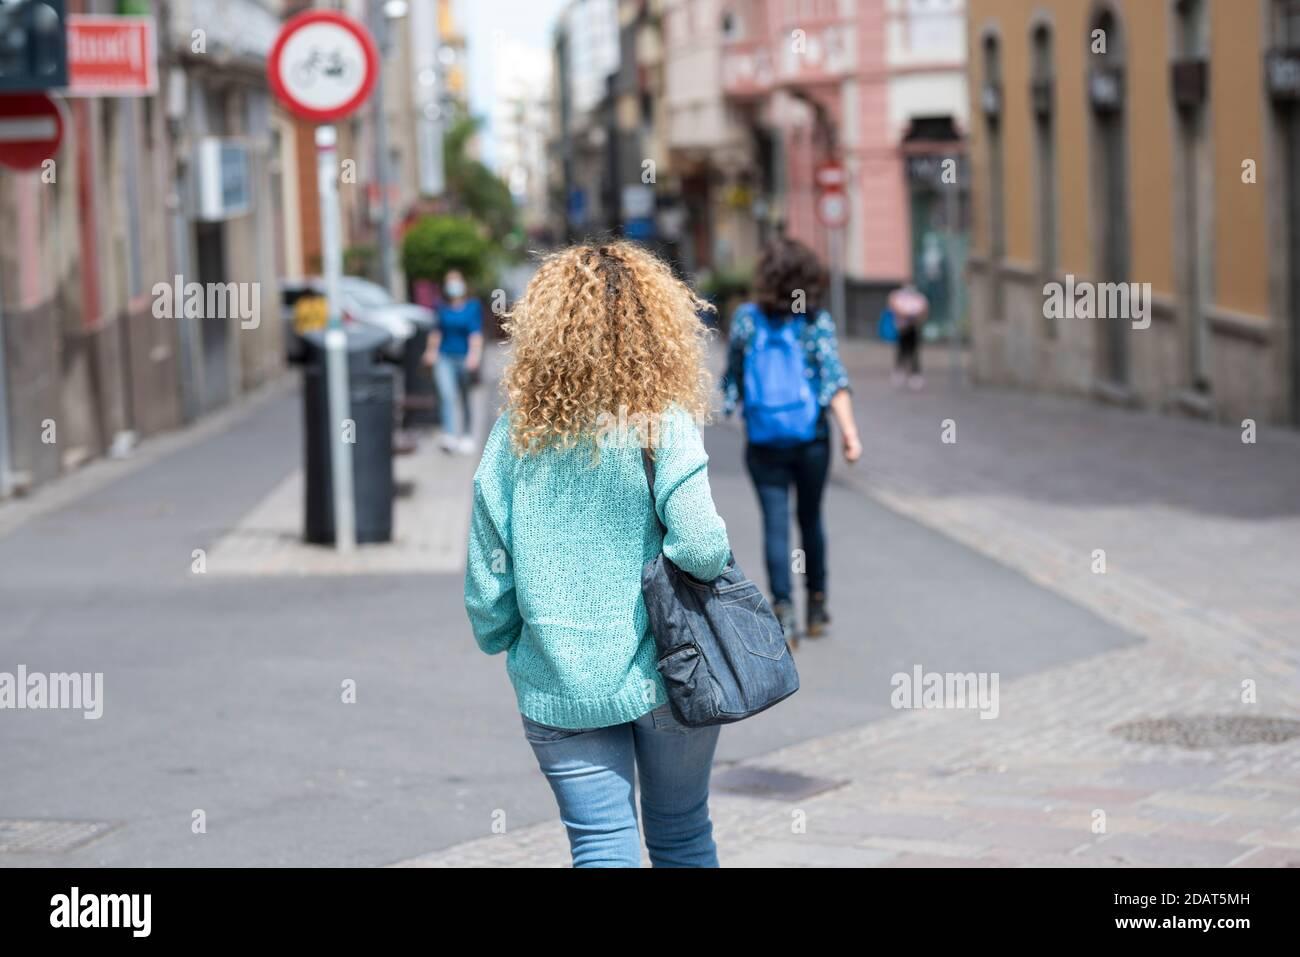 Femme blonde mauriquement vue de marche arrière dans la rue dans la ville - shopping activité de loisirs en ville pour de vraies personnes Banque D'Images